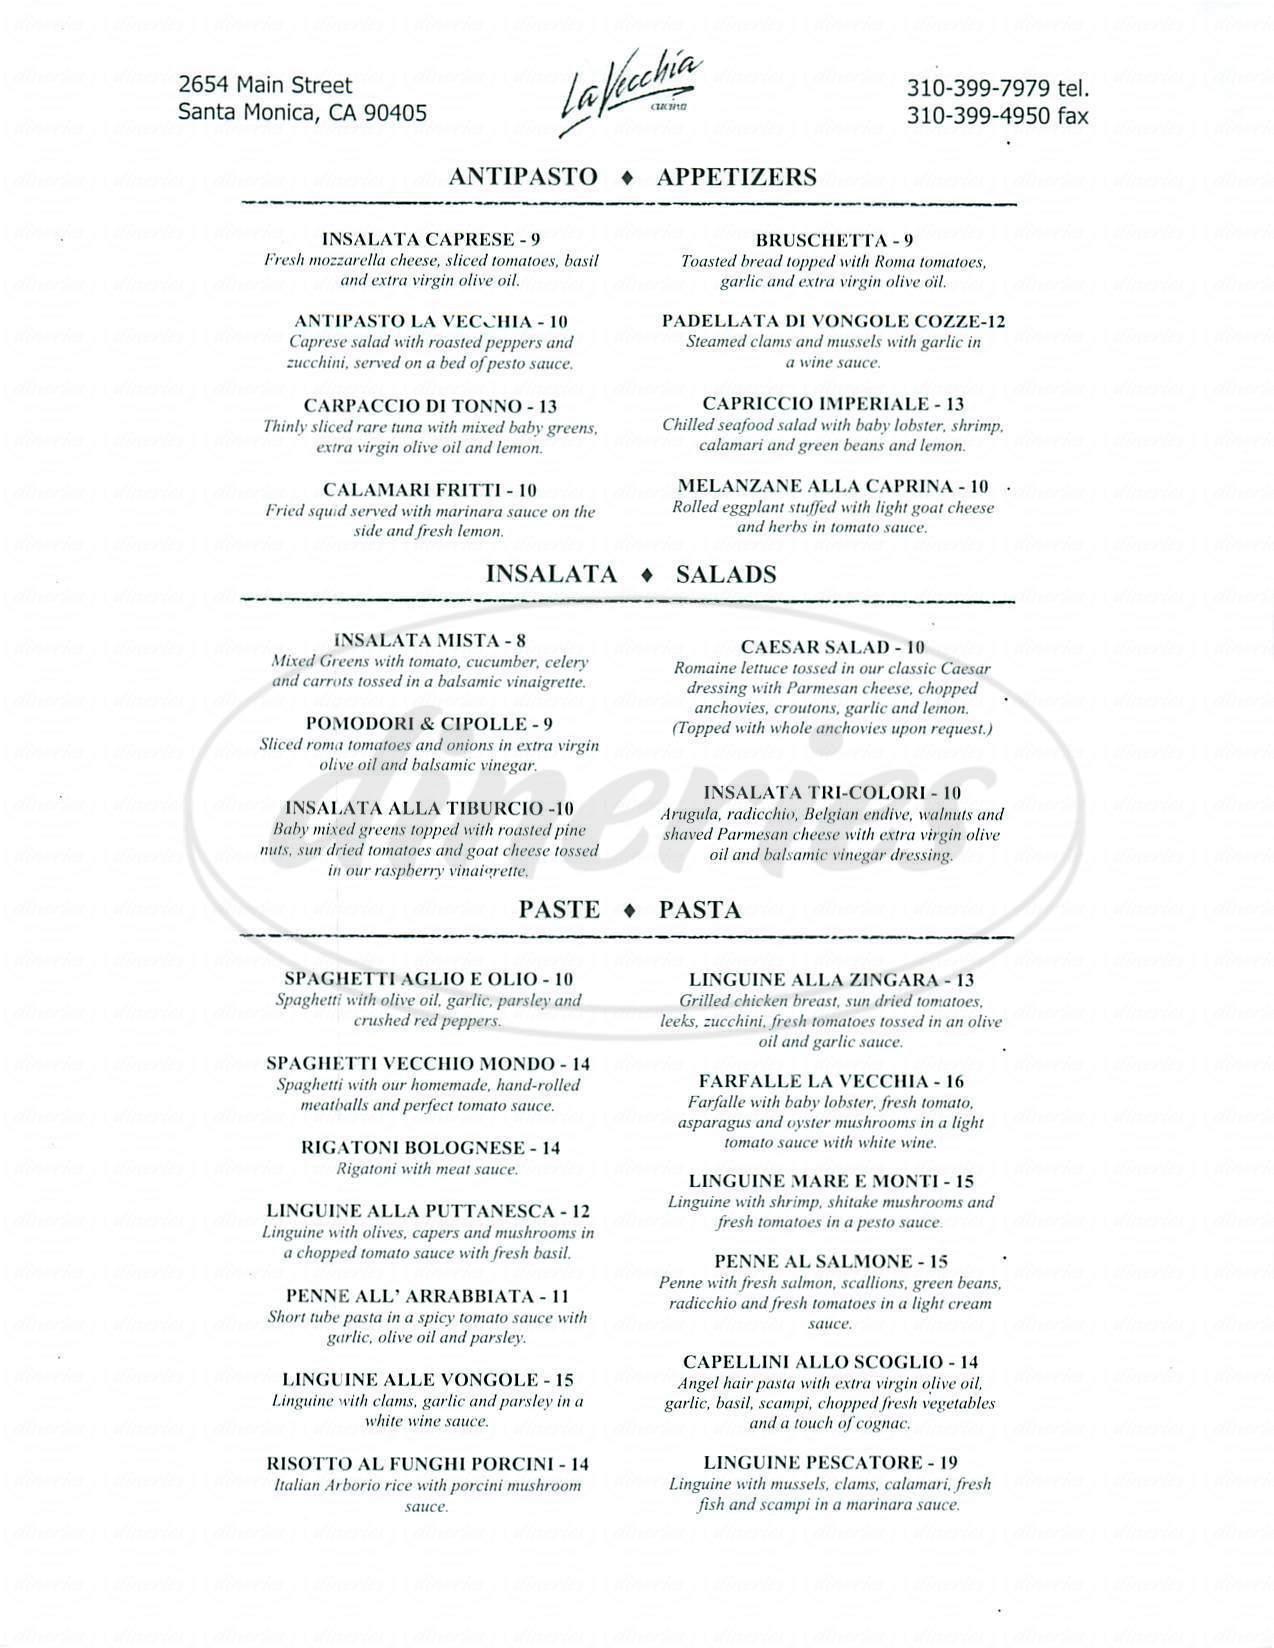 menu for La Vecchia Cucina